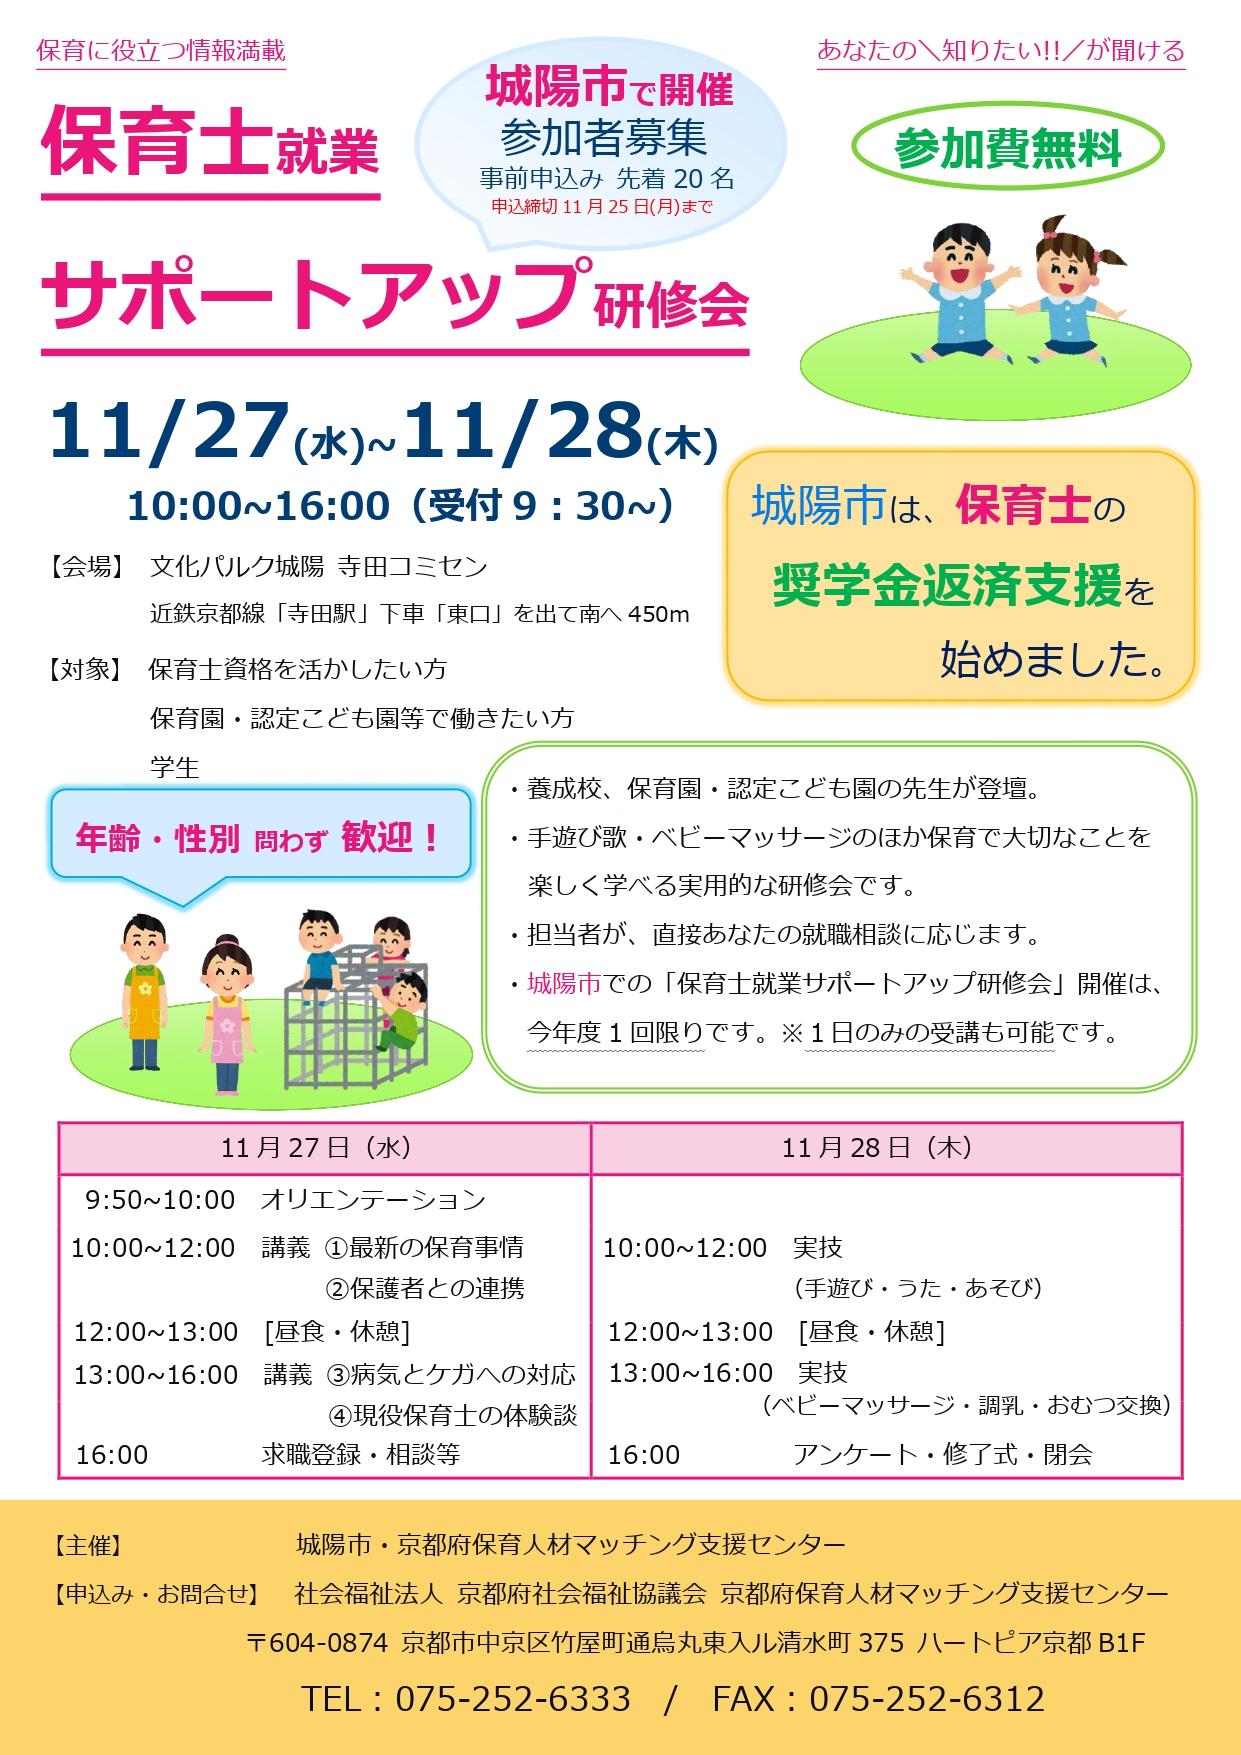 保育士就業サポートアップ研修会 (城陽市で開催)